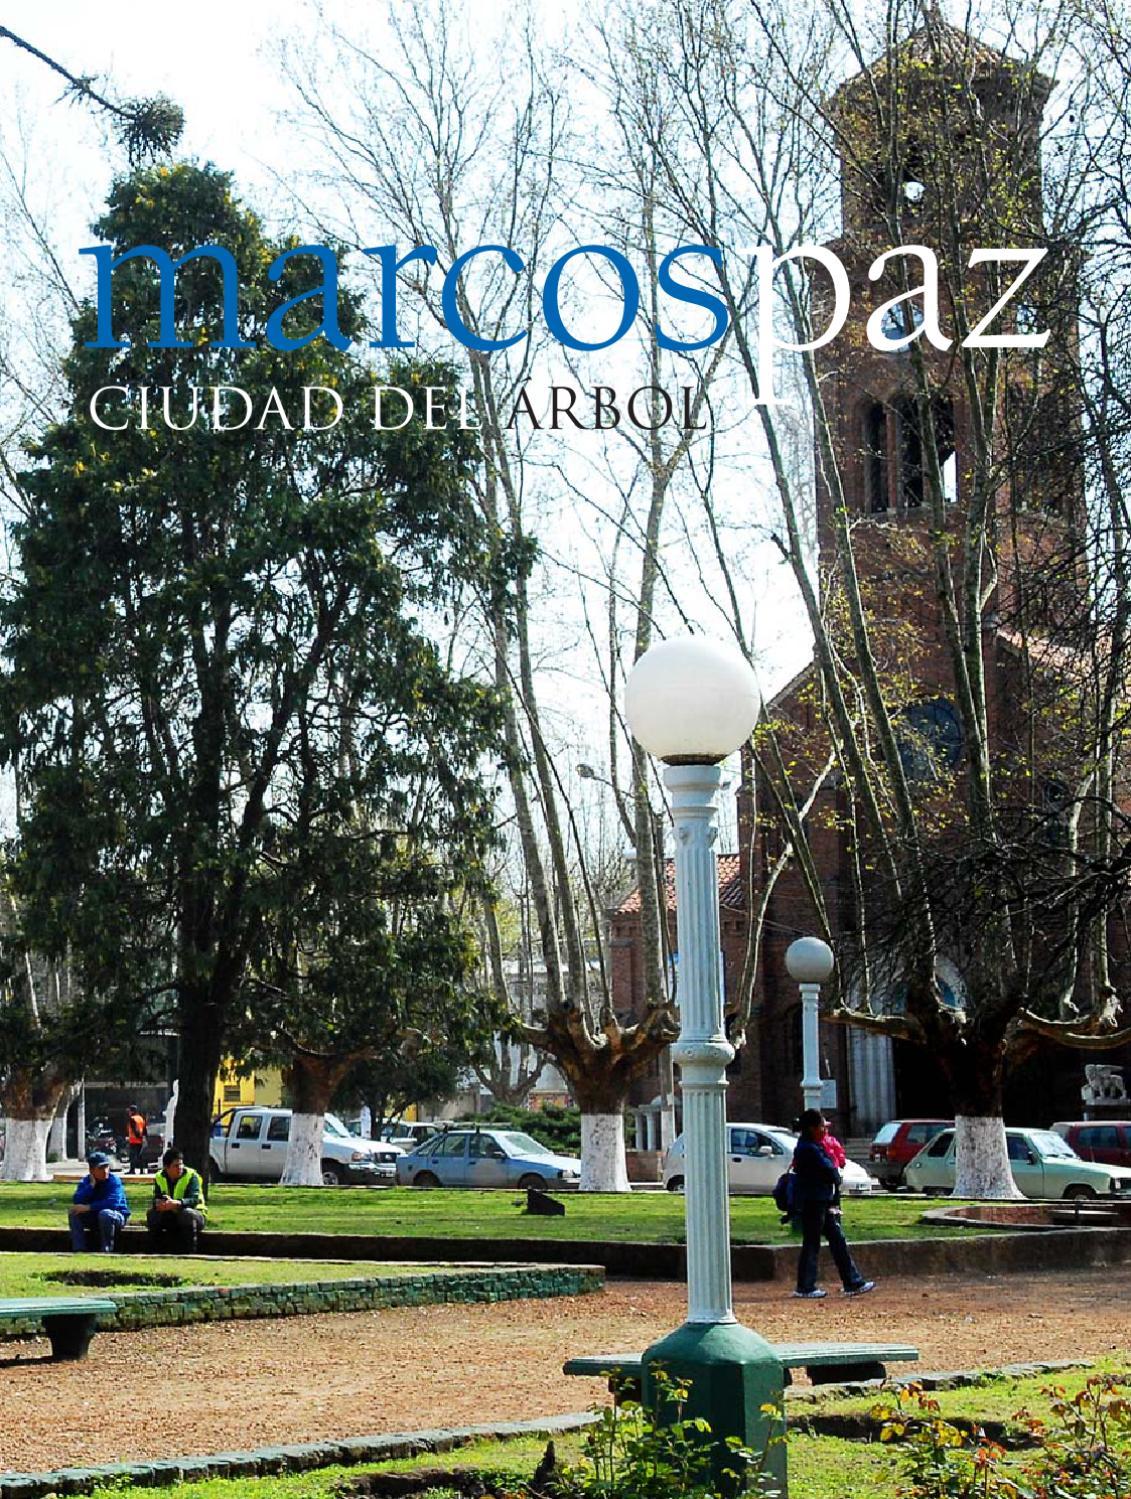 Marcos Paz by Sebastian Stupenengo - issuu